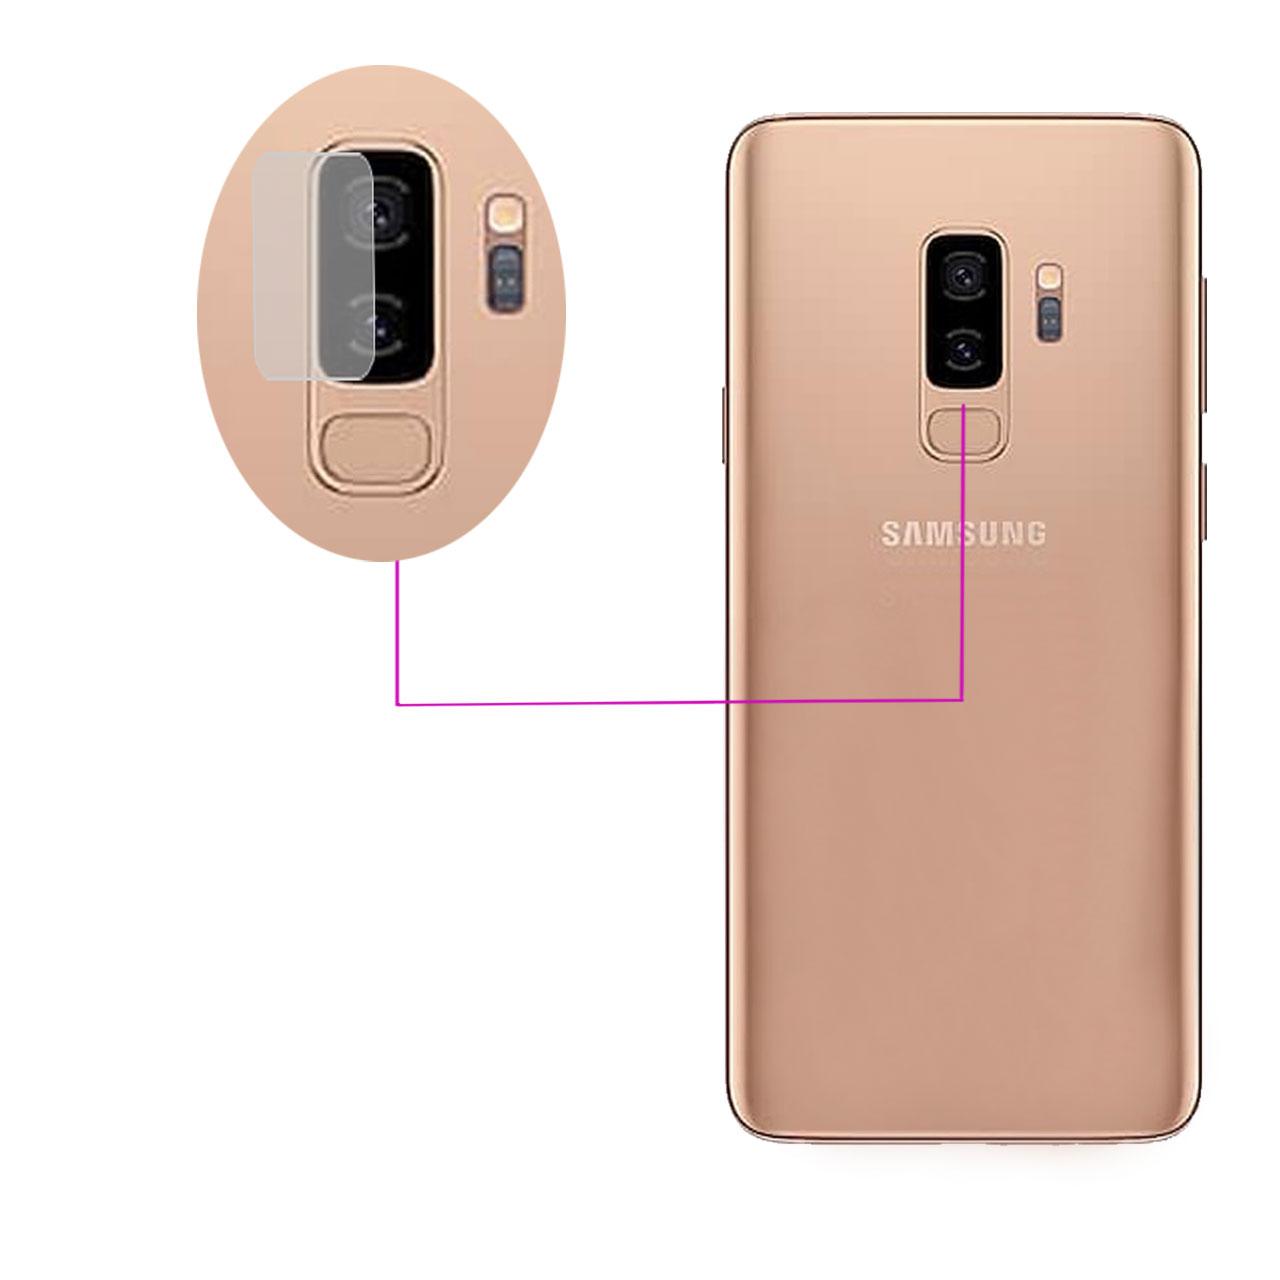 محافظ لنز دوربین مدل LTP مناسب برای گوشی موبایل سامسونگ Galaxy S9 Plus